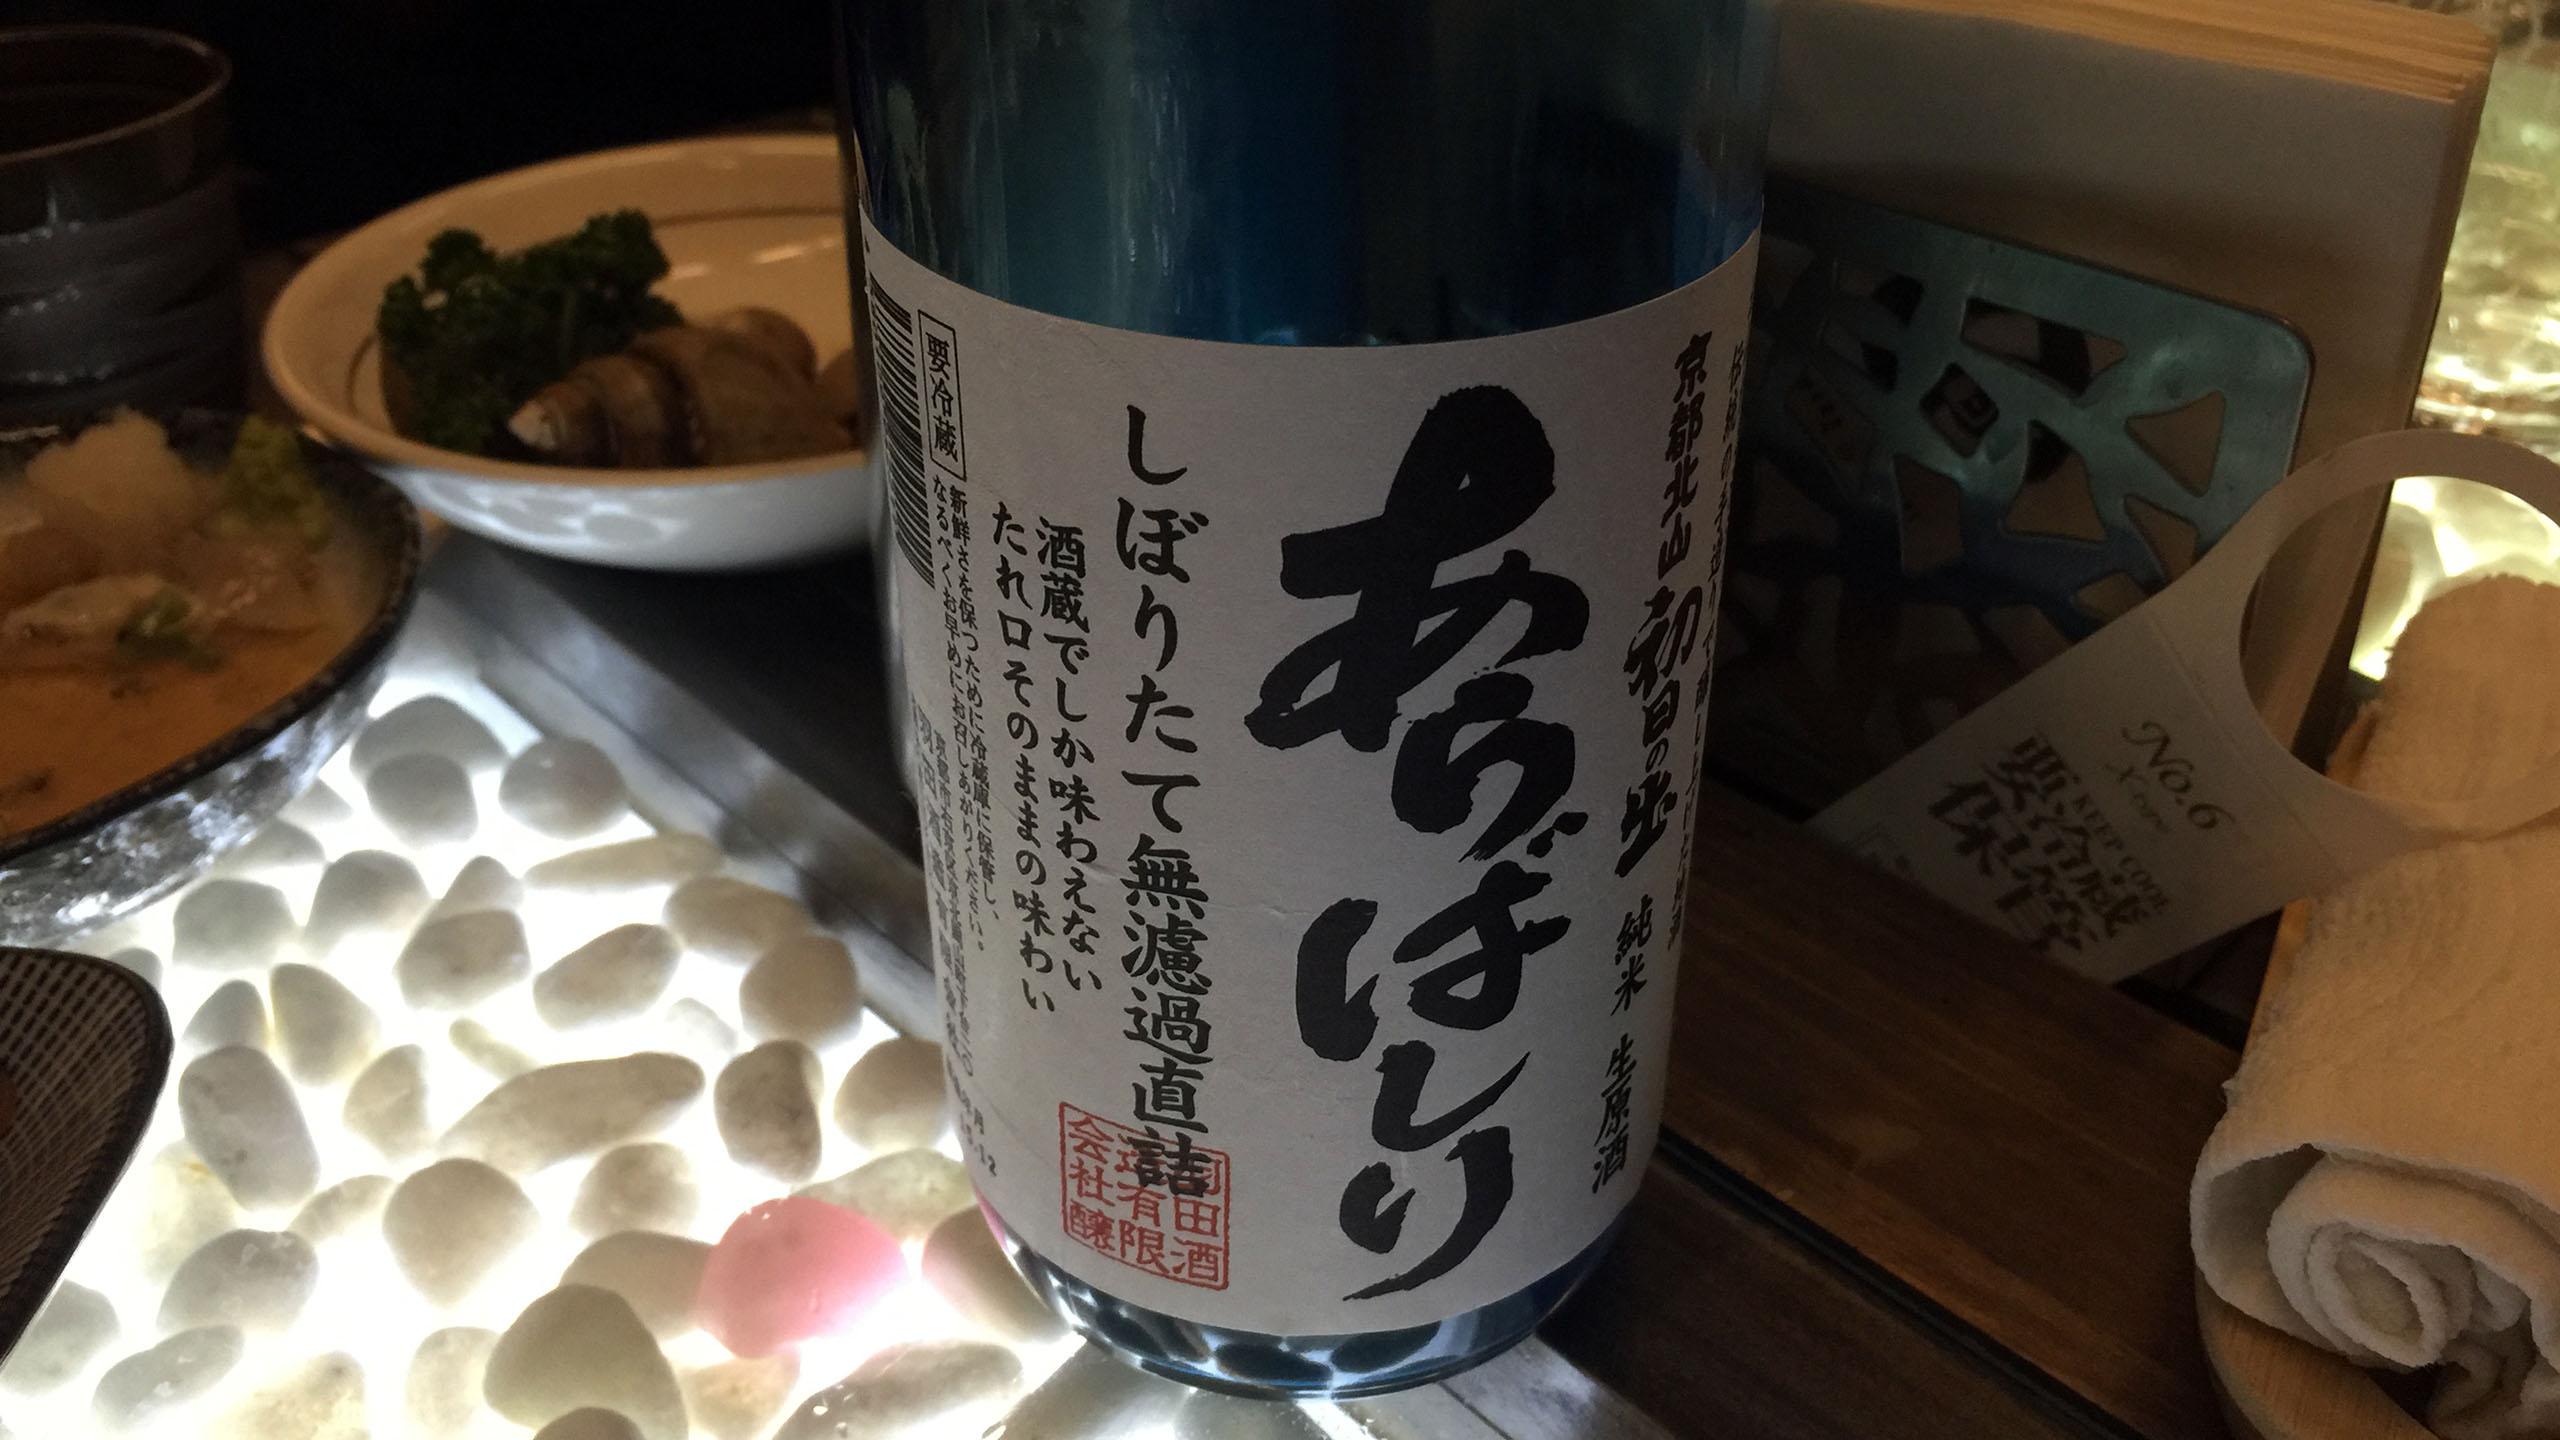 하츠히노데 쥰마이 나마겐슈 아라바시리 시보리타테 무로카지카츠메